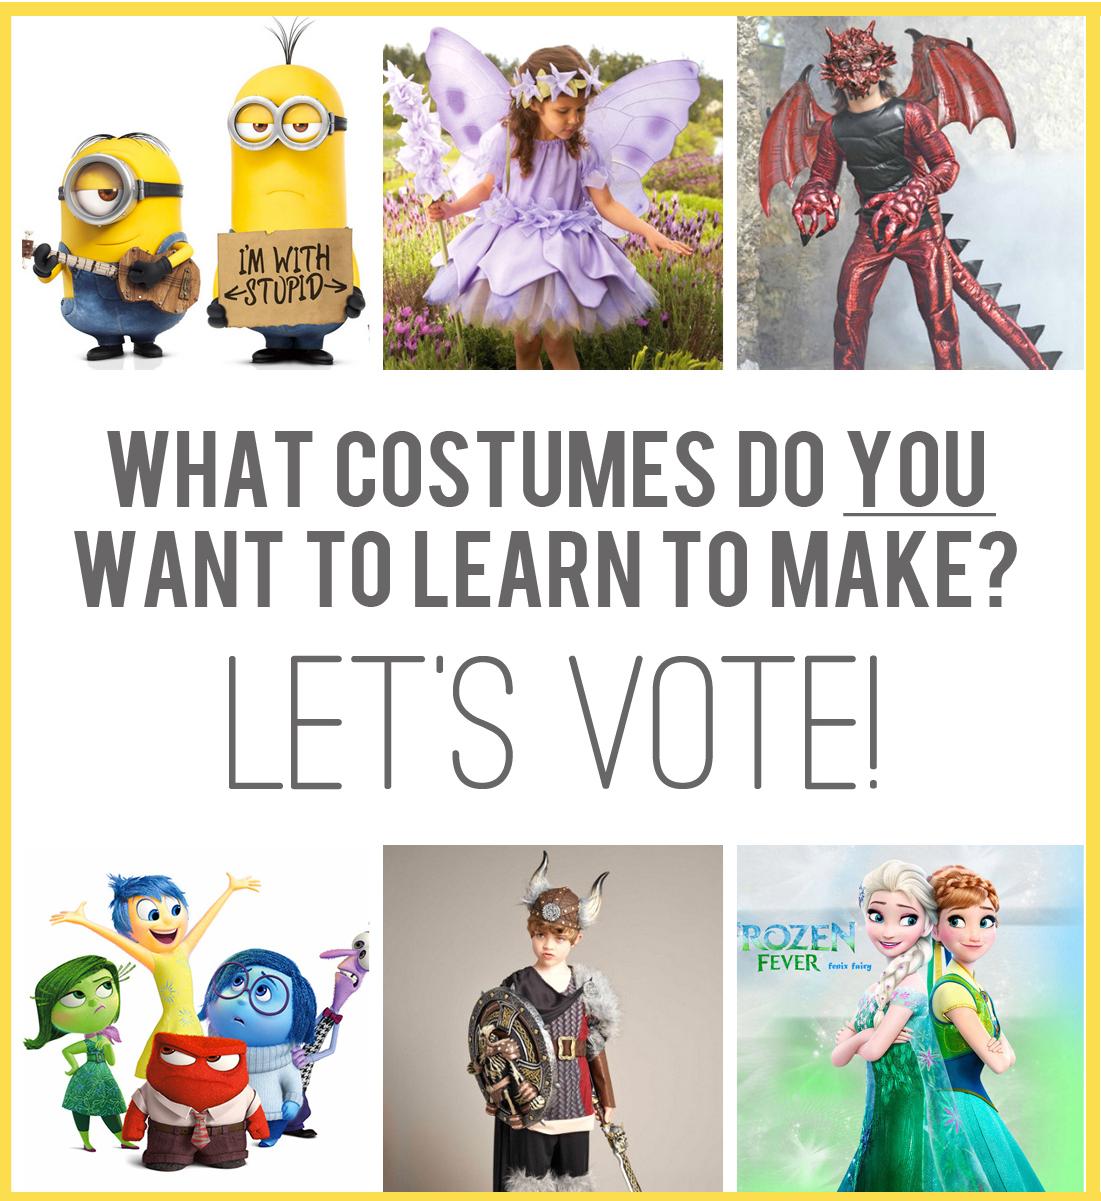 costume vote